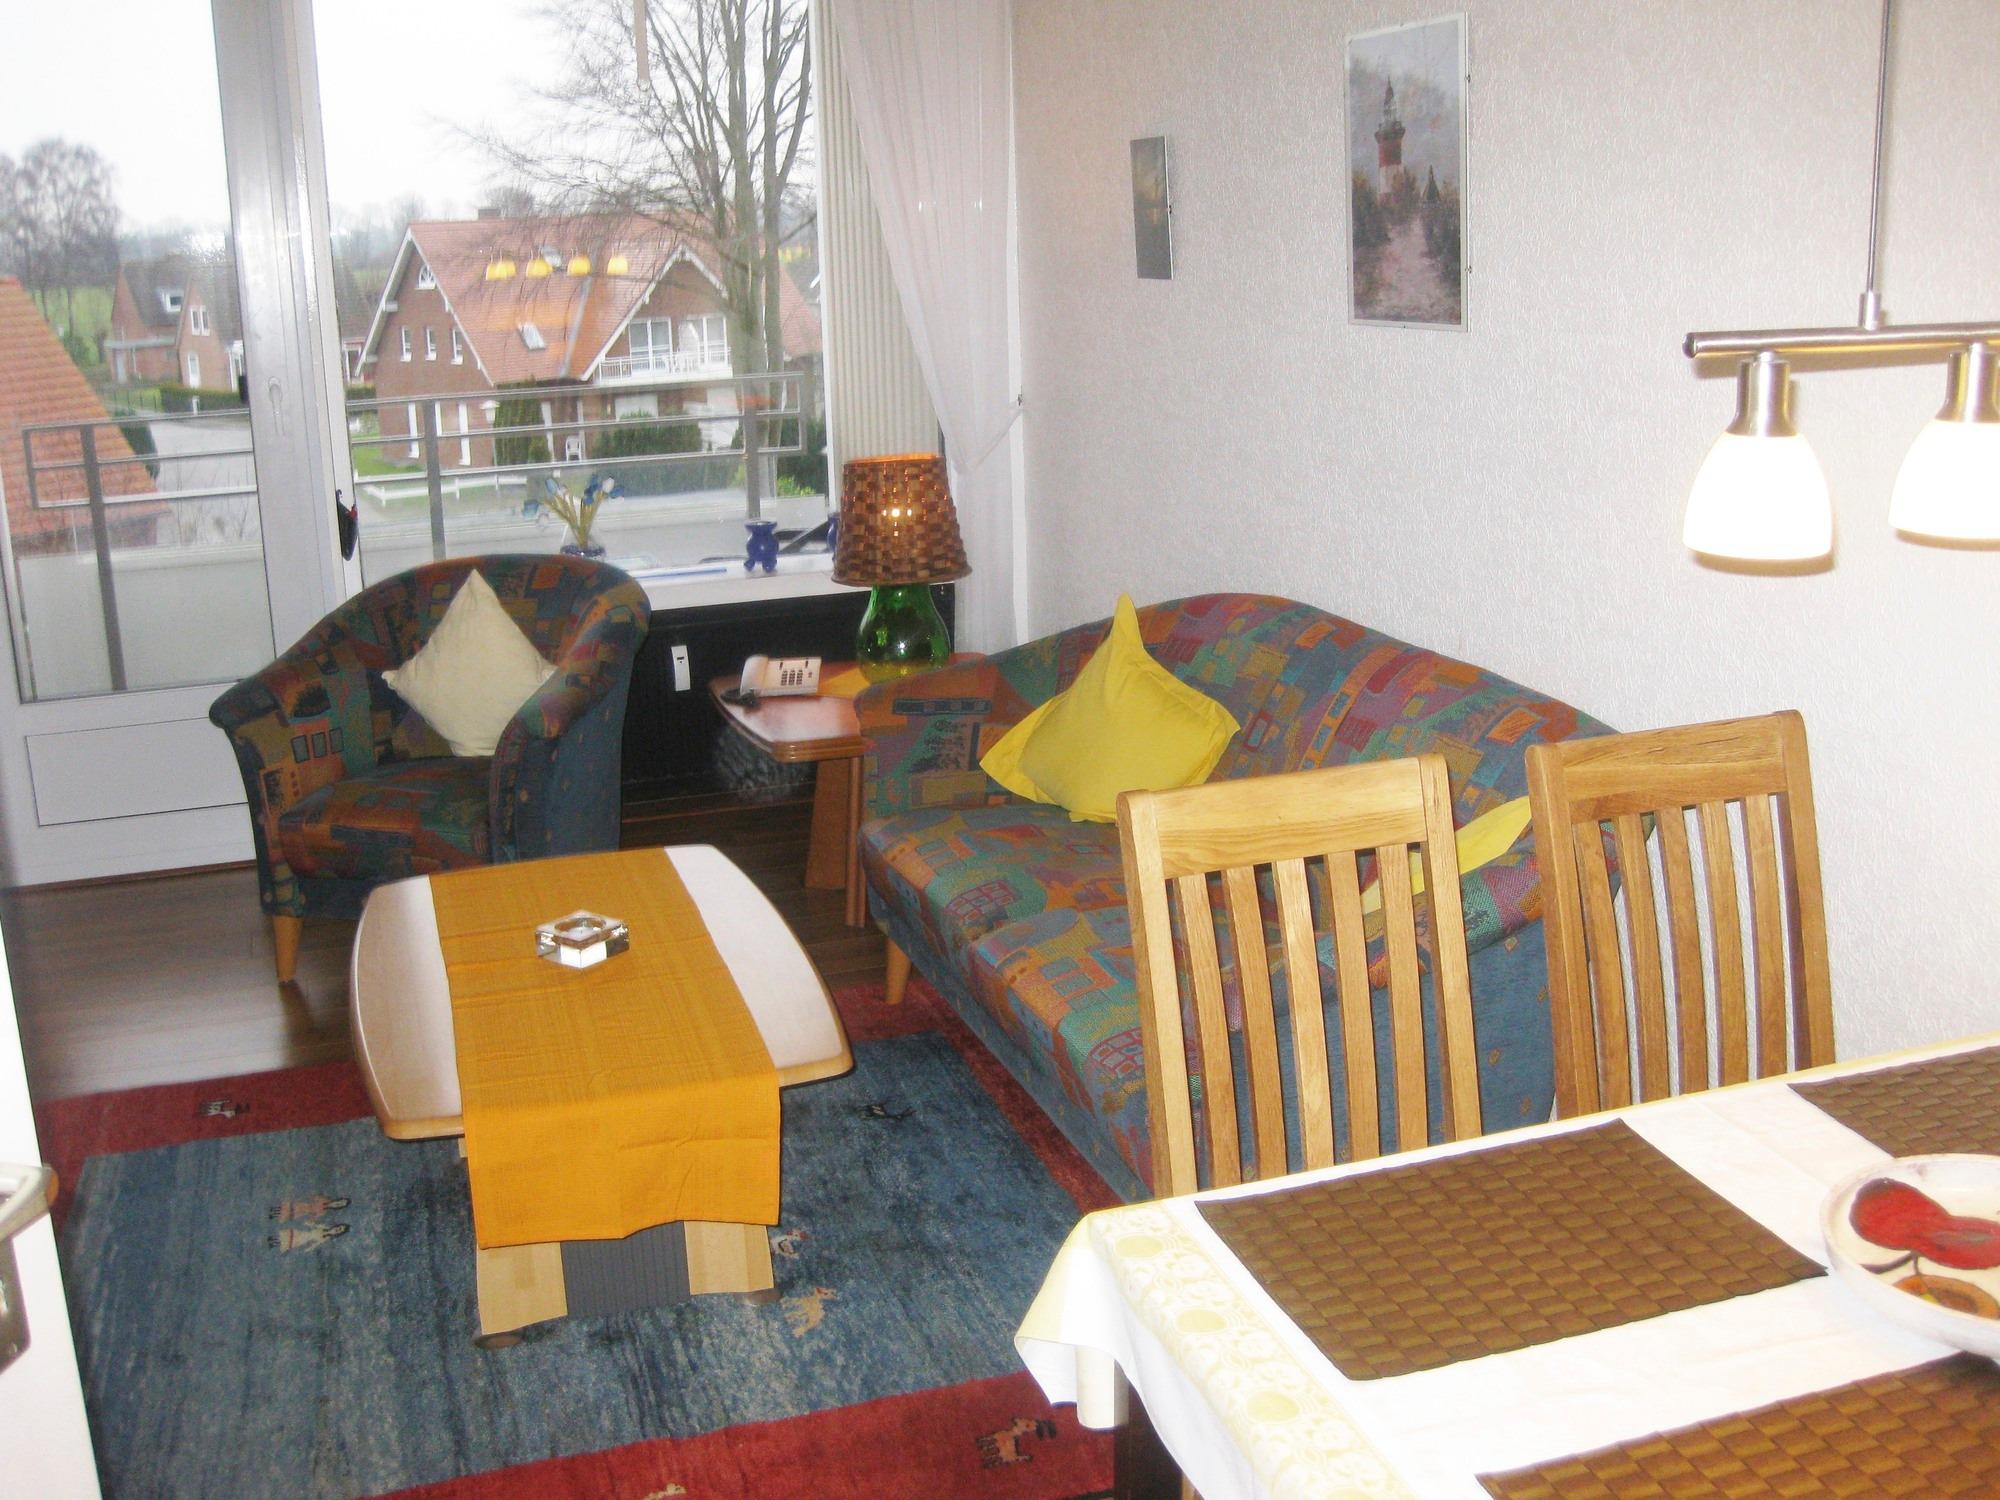 Ferienwohnung Haus Nautic 4-3-6 (887416), Kellenhusen, Lübecker Bucht, Schleswig-Holstein, Deutschland, Bild 3